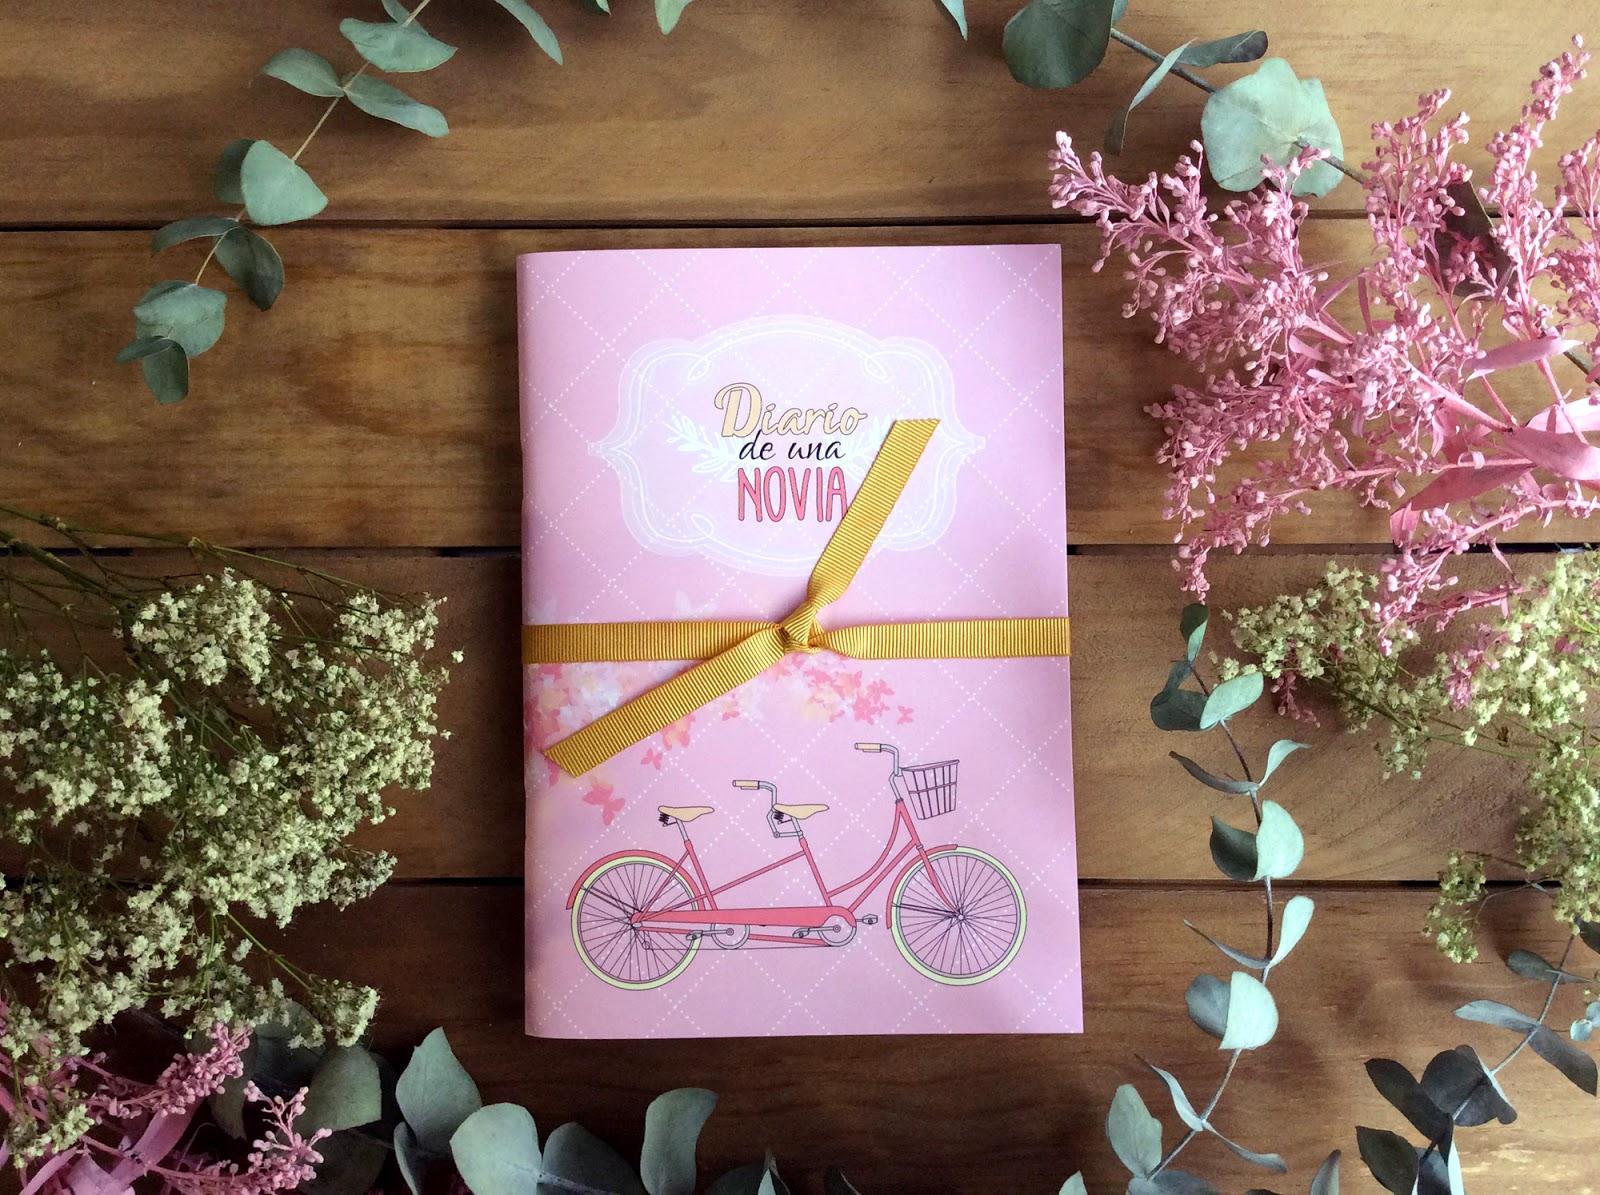 diario de una novia hermanas bolena shop